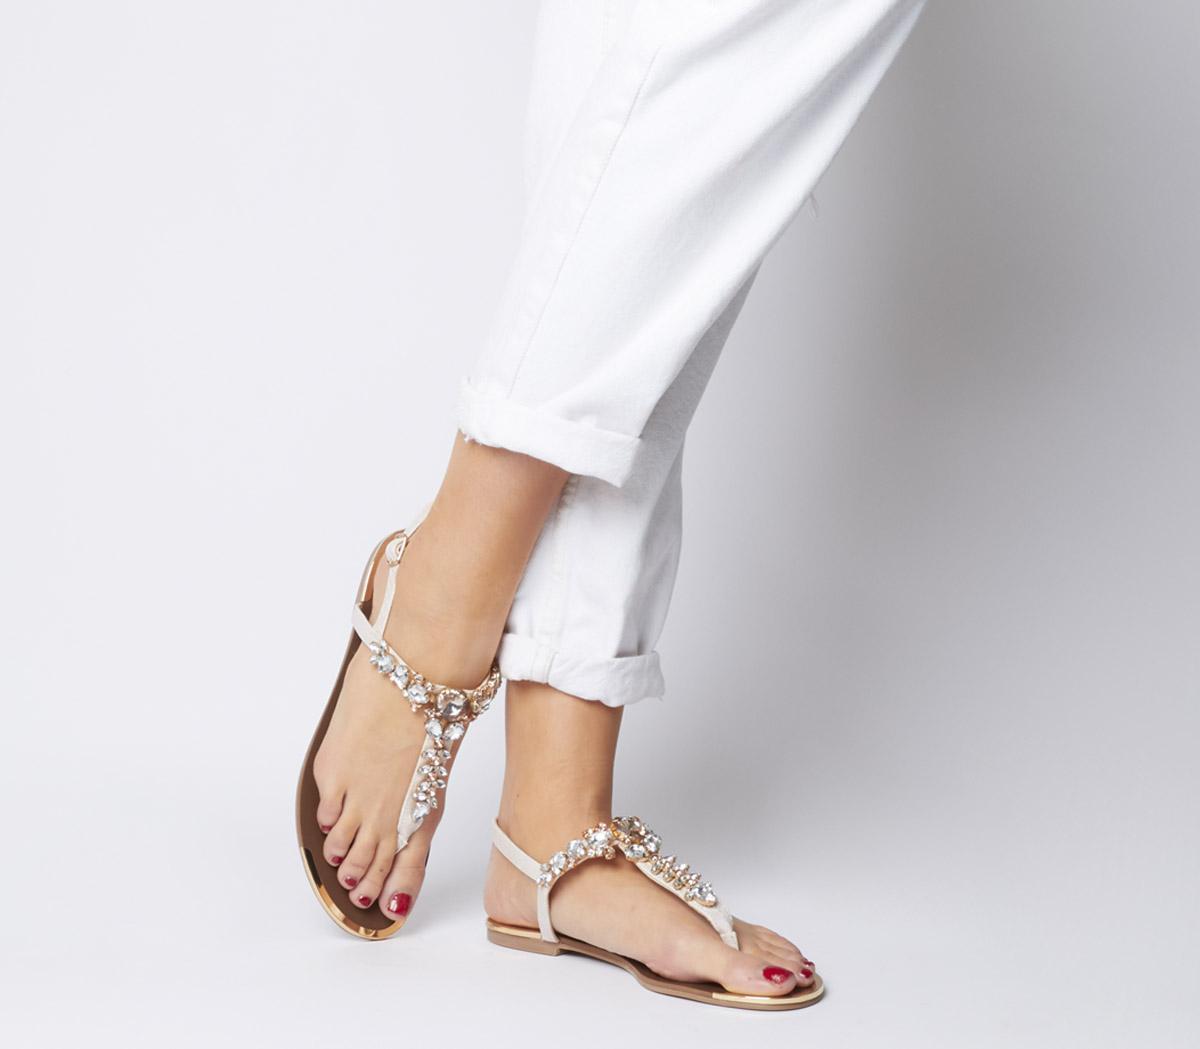 Scarlet Embellished Toe Post Sandals